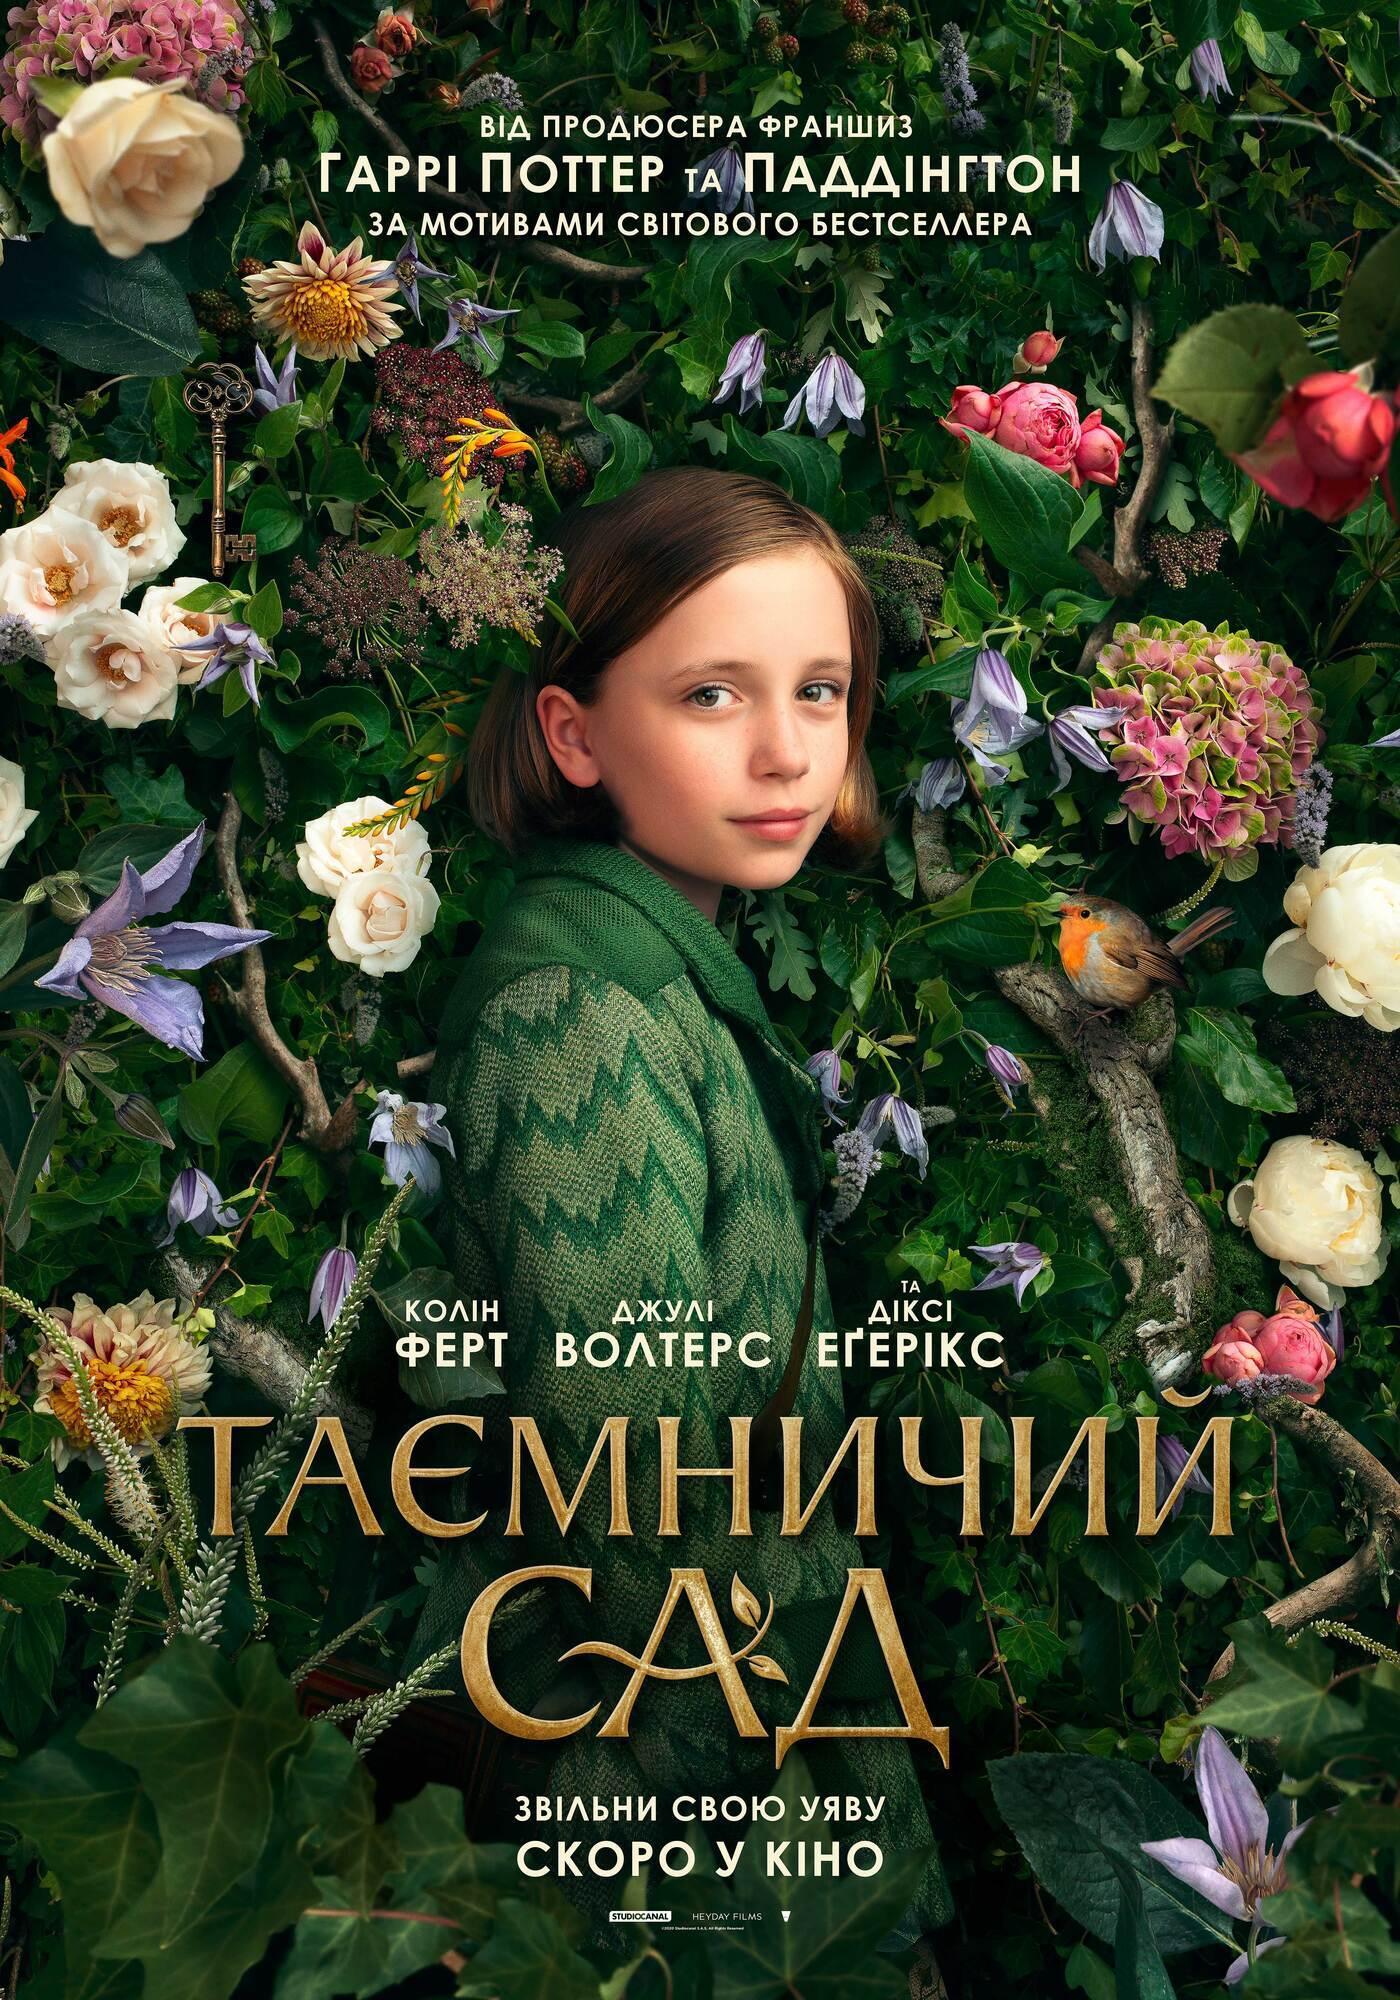 """""""Як так, що нас вчать наші діти?"""". Казка """"Таємничий сад"""" вийшла у прокат, аби врятувати від дитинства"""